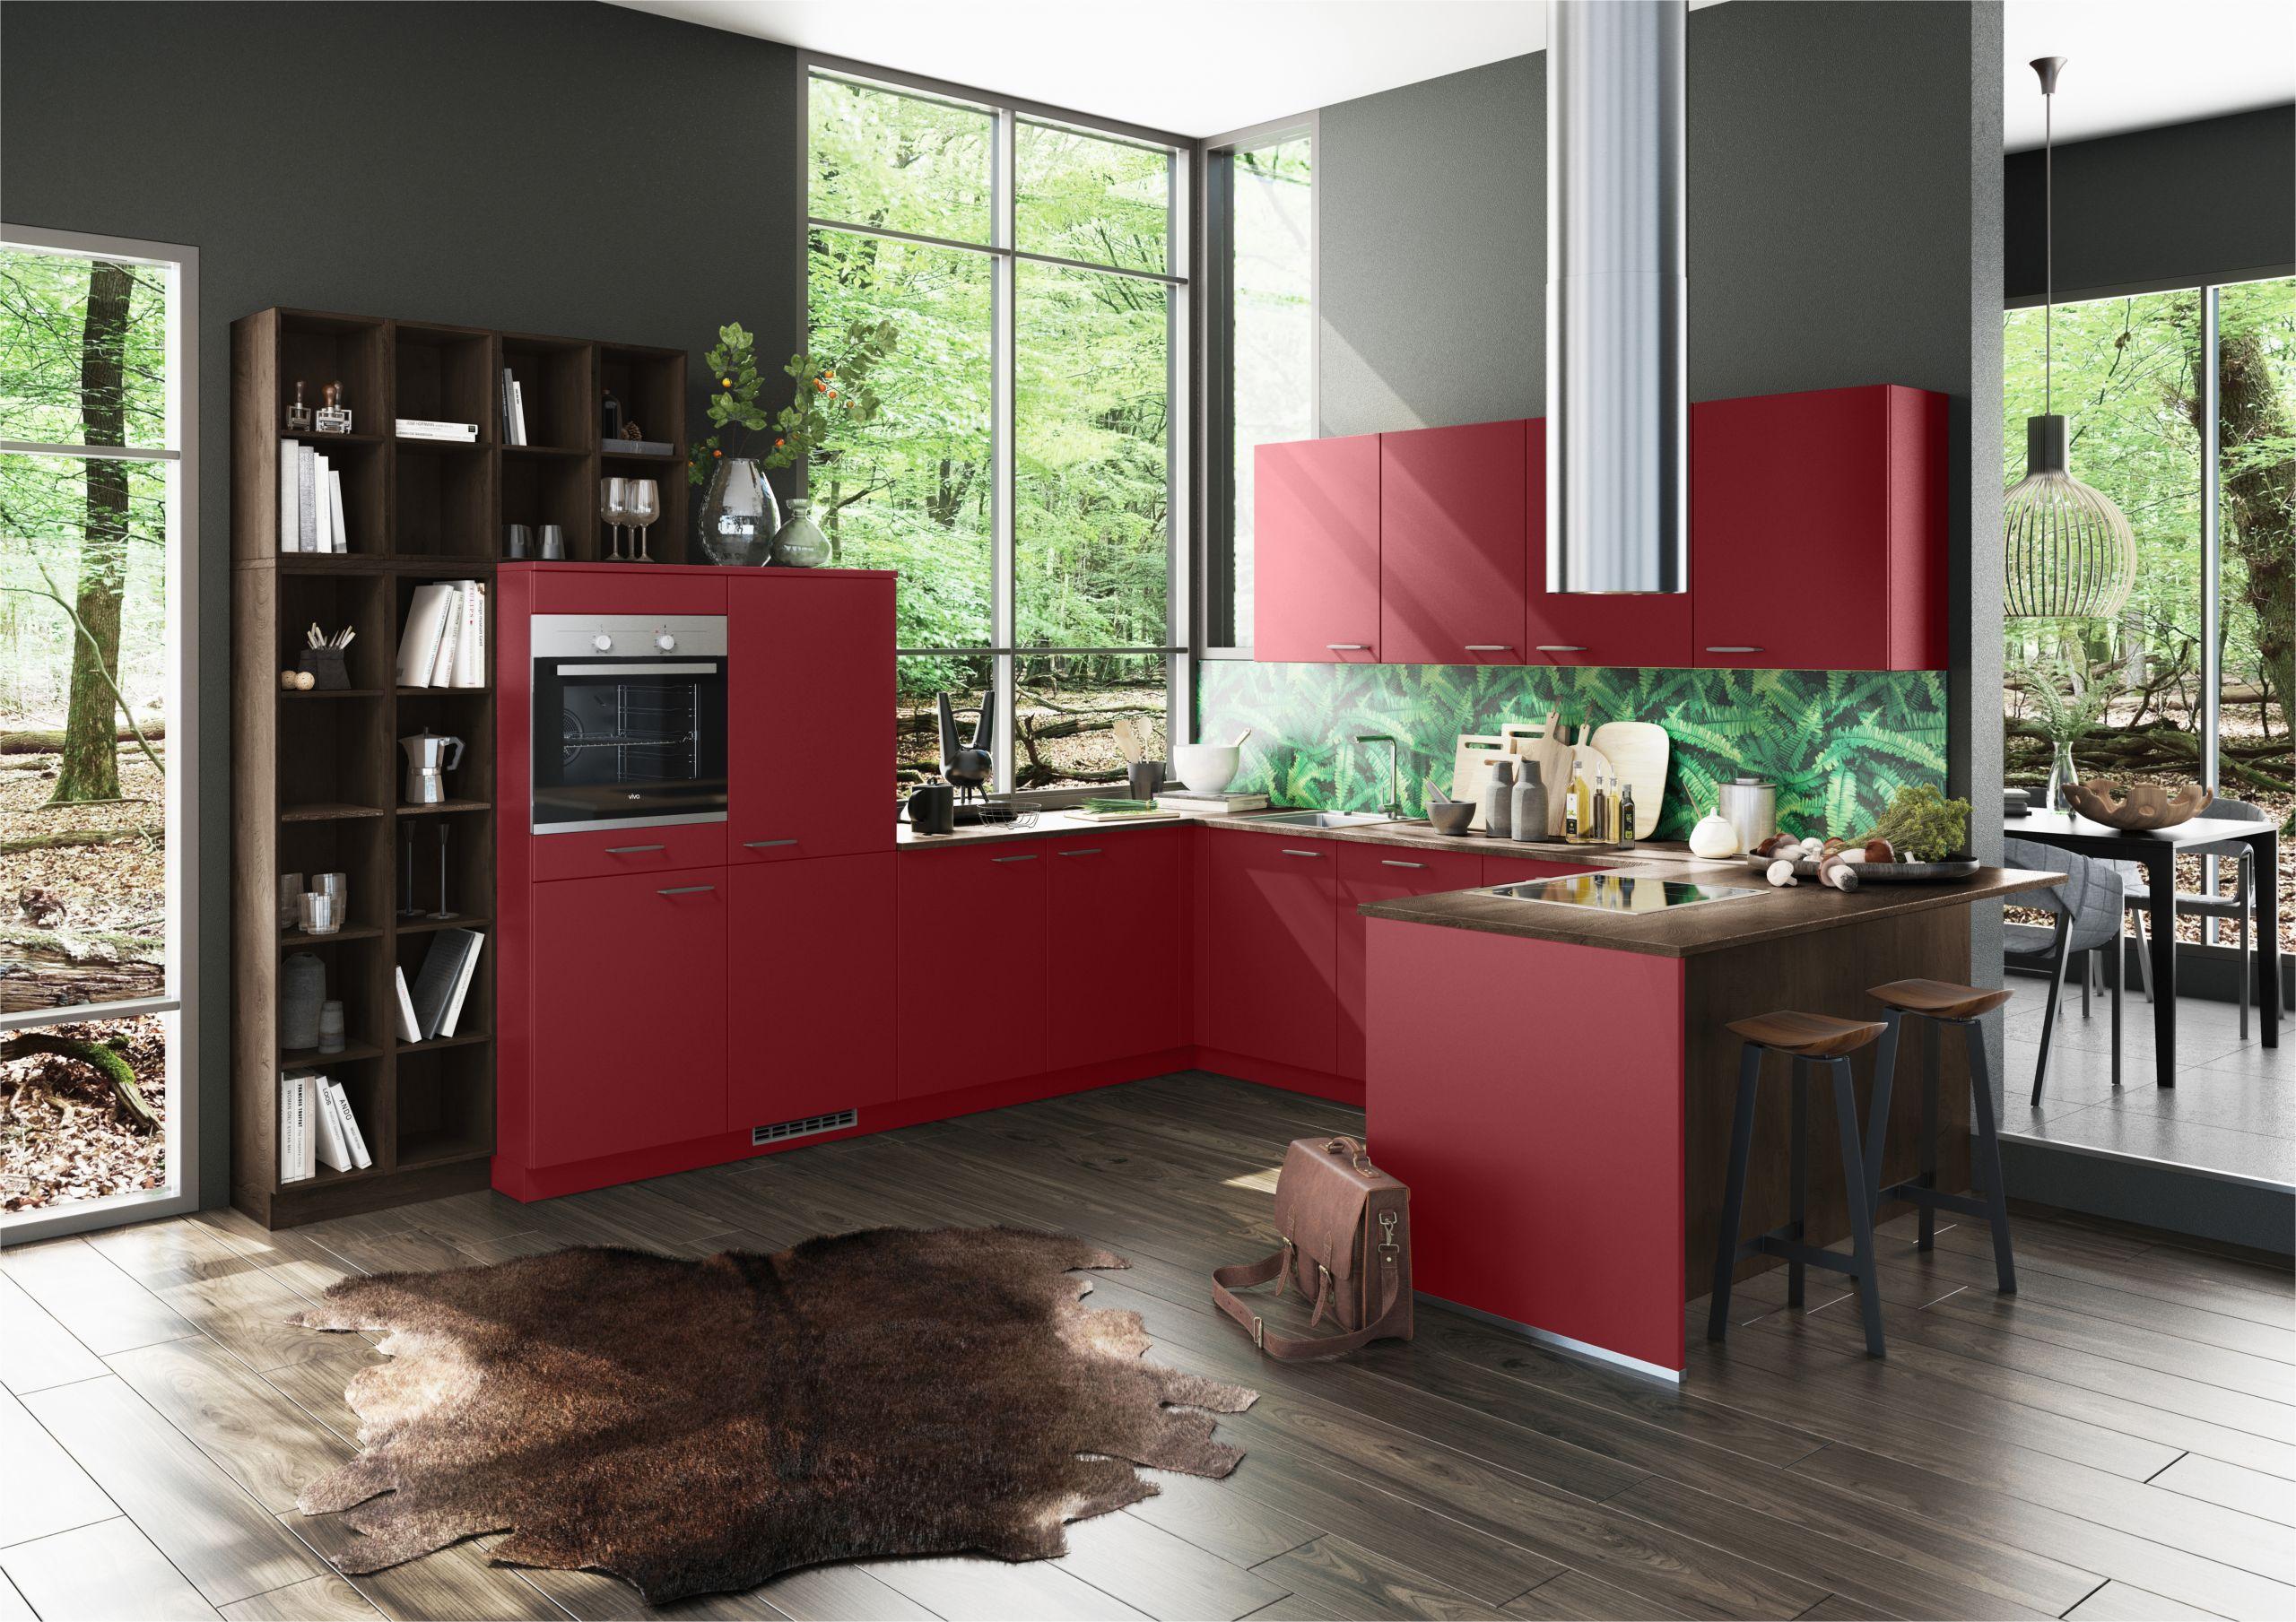 Graue Küche Rote Wand Kuchen Grau Holz